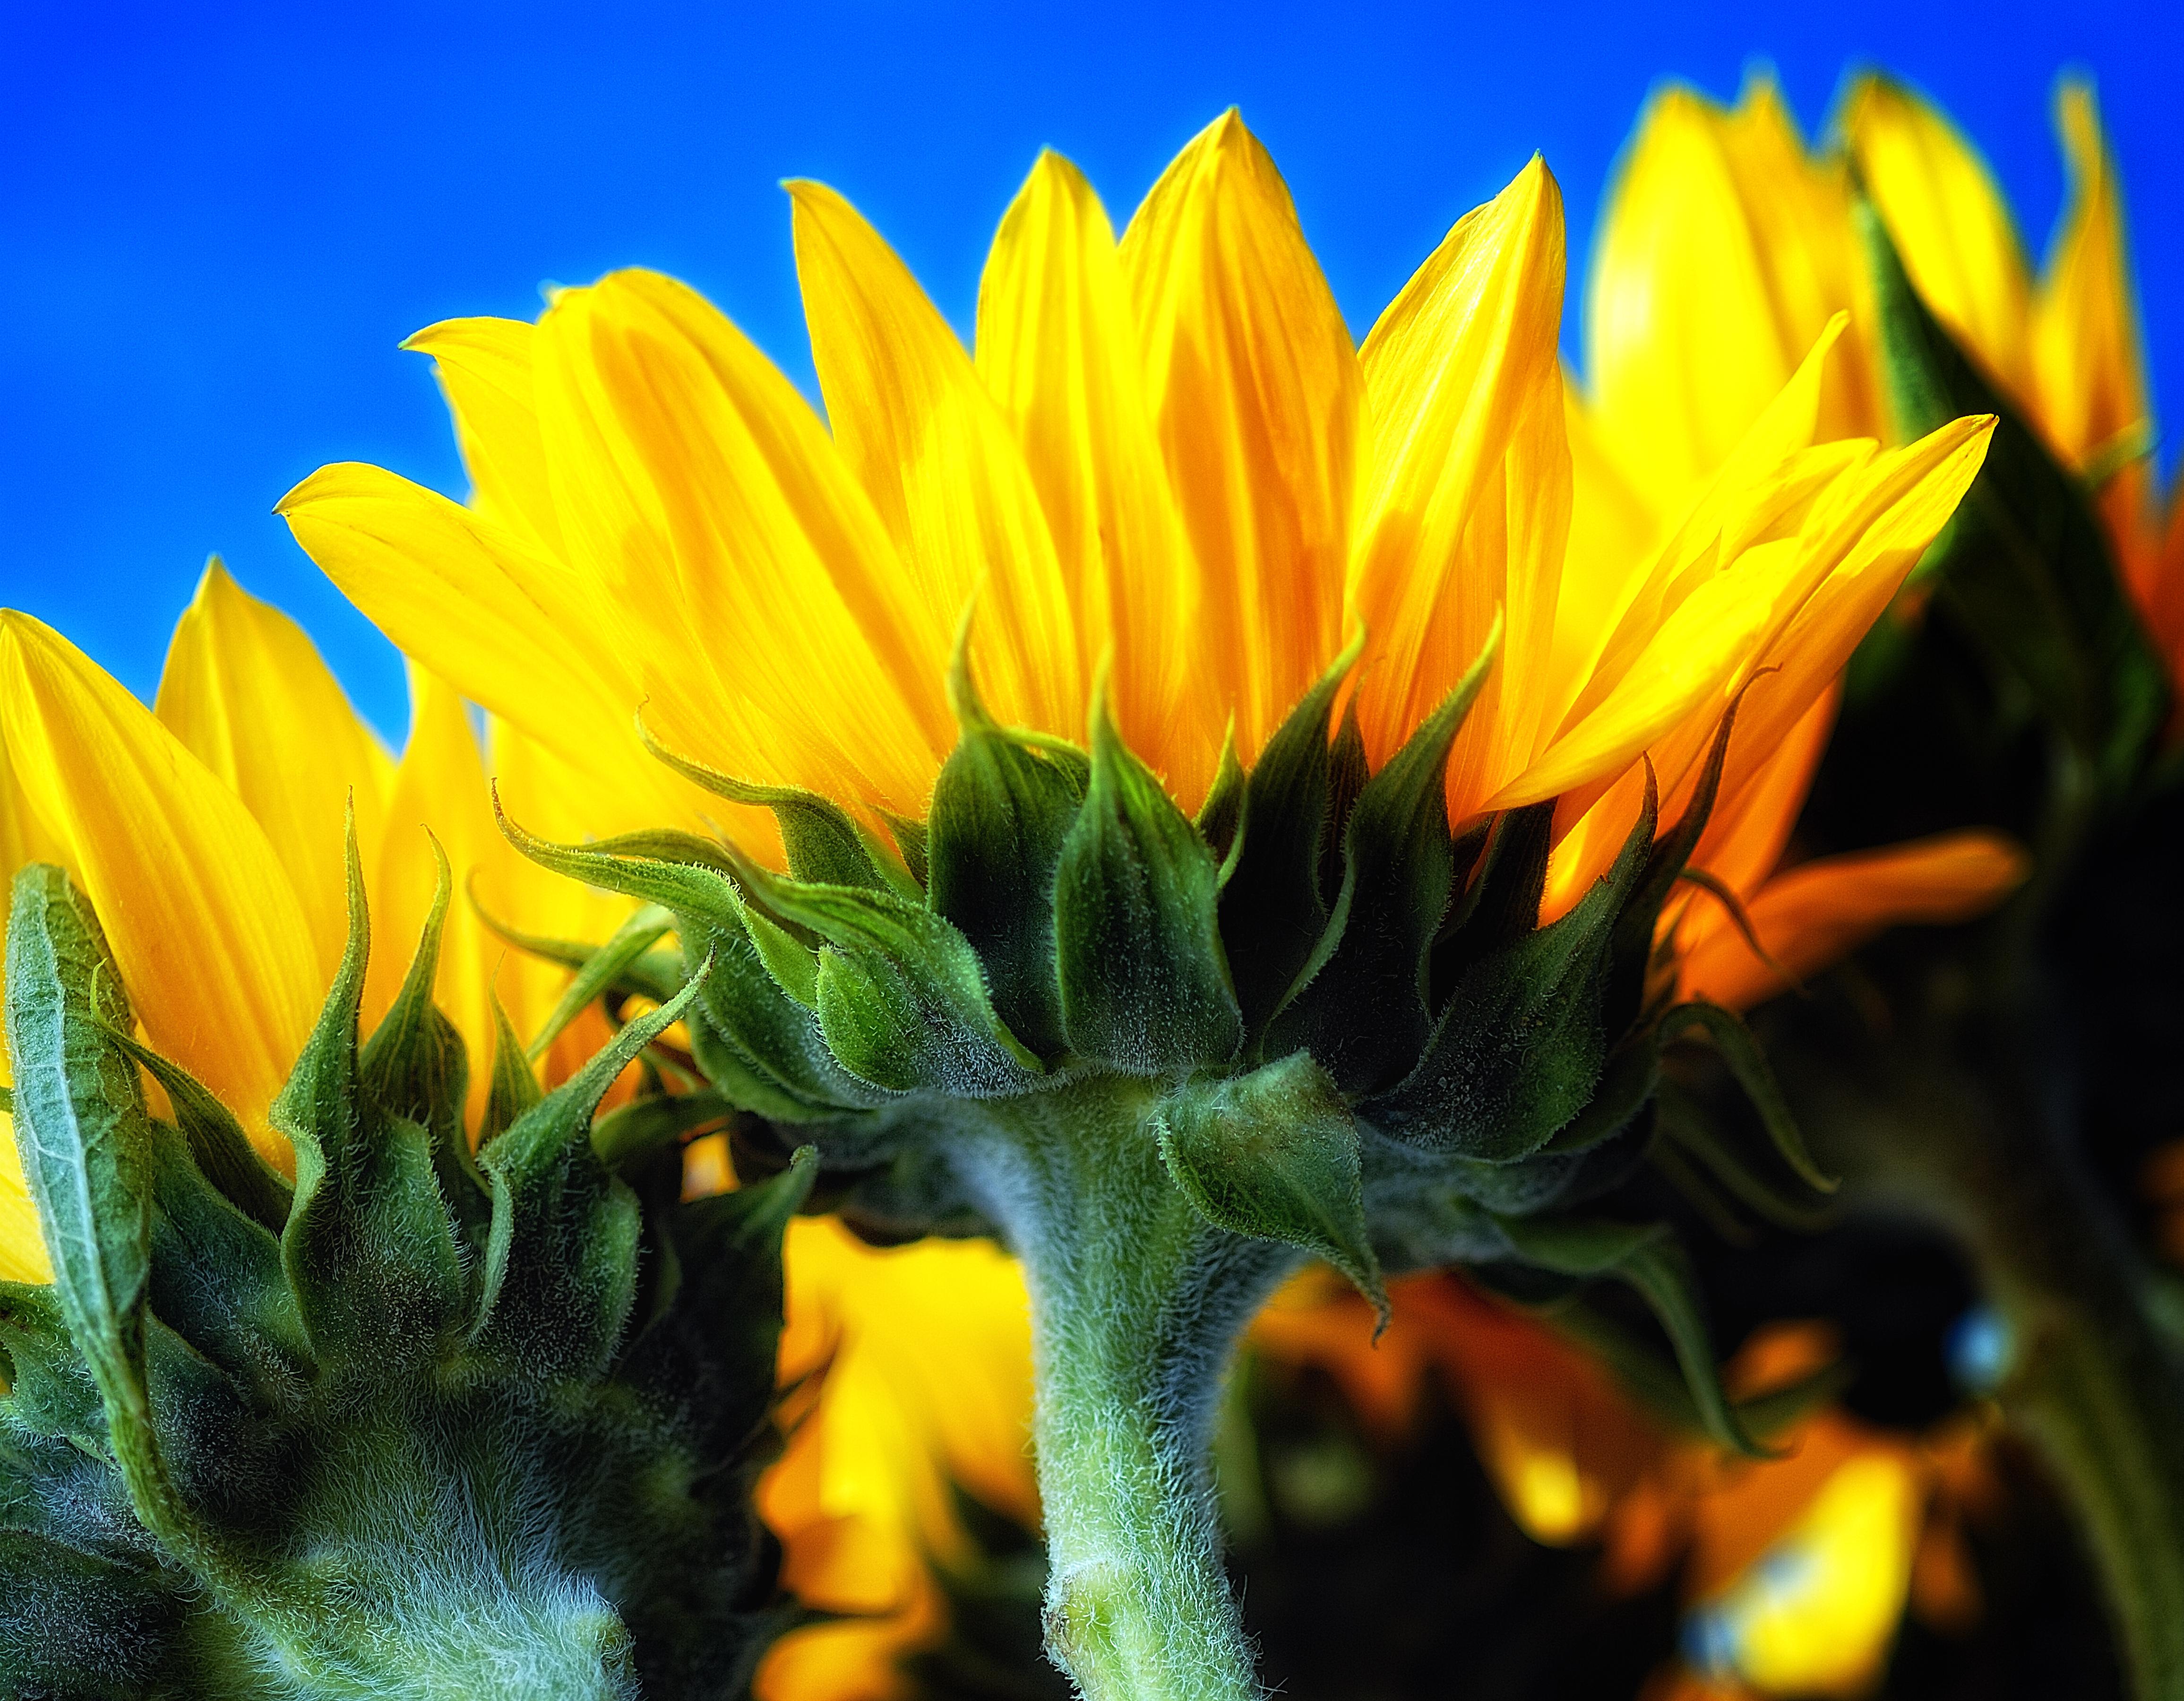 sunflowers_42